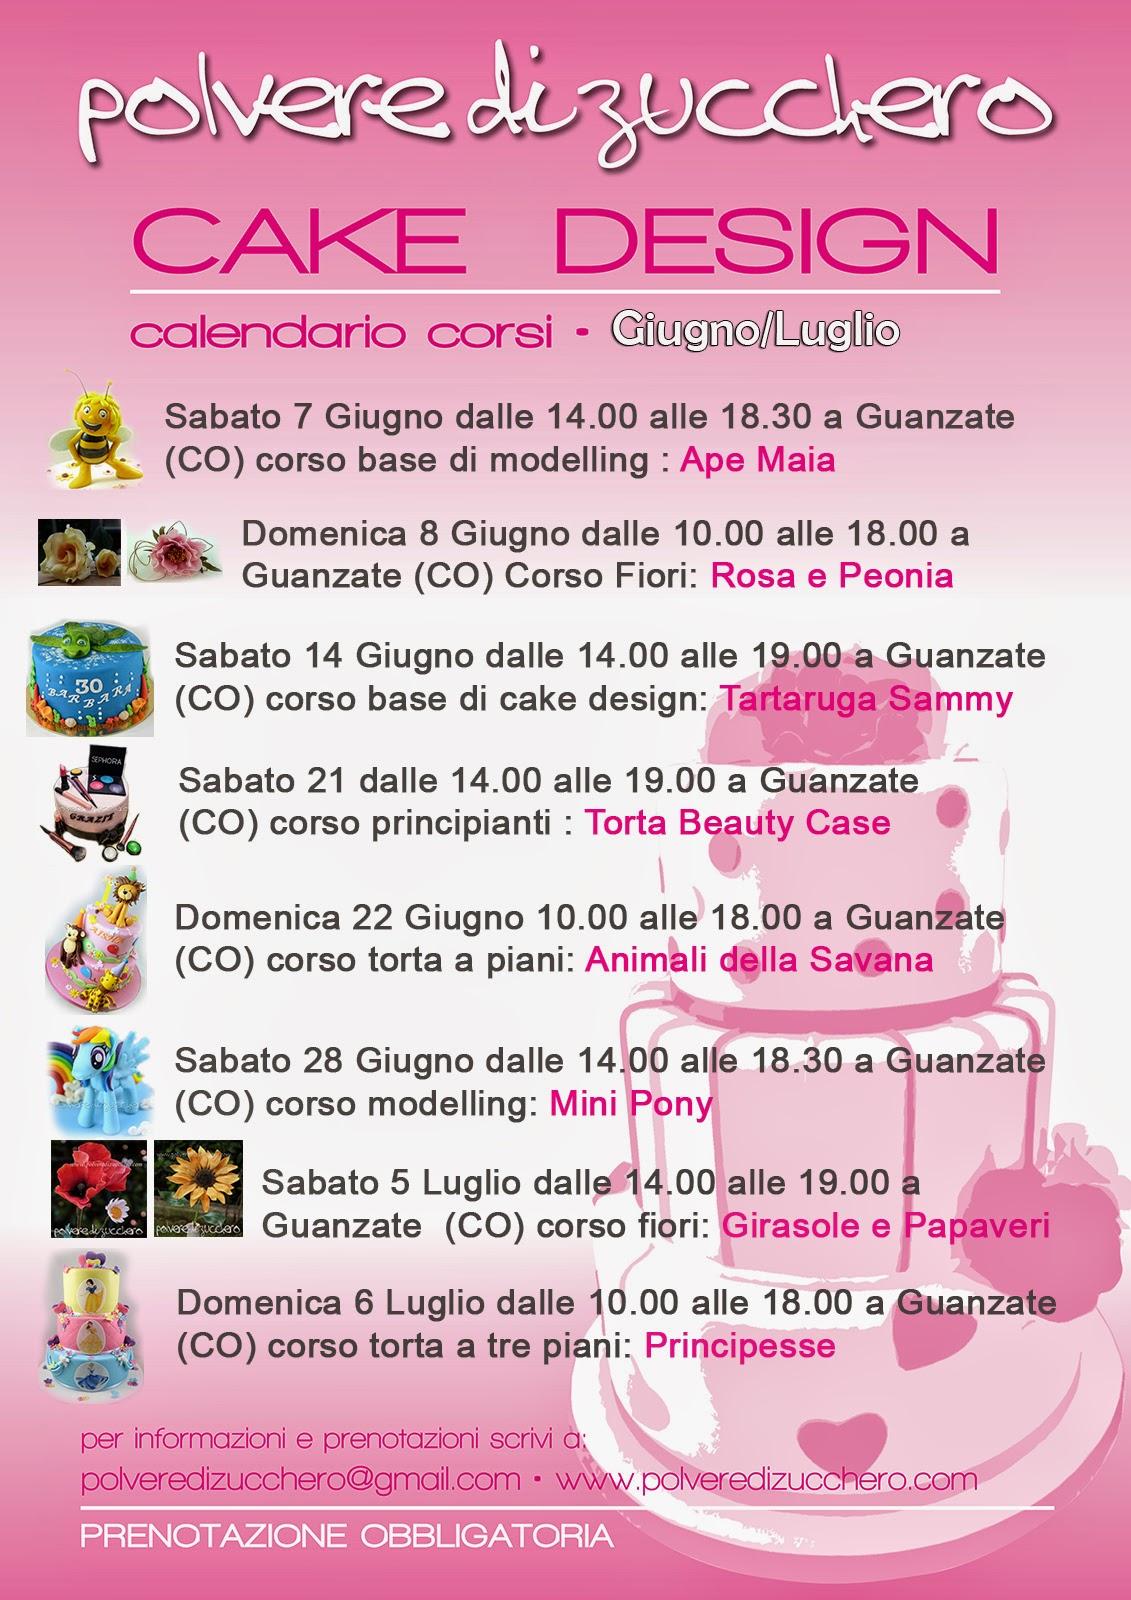 calendario corsi cake design: torte, modelling, biscotti, cupcakes e fiori di zucchero